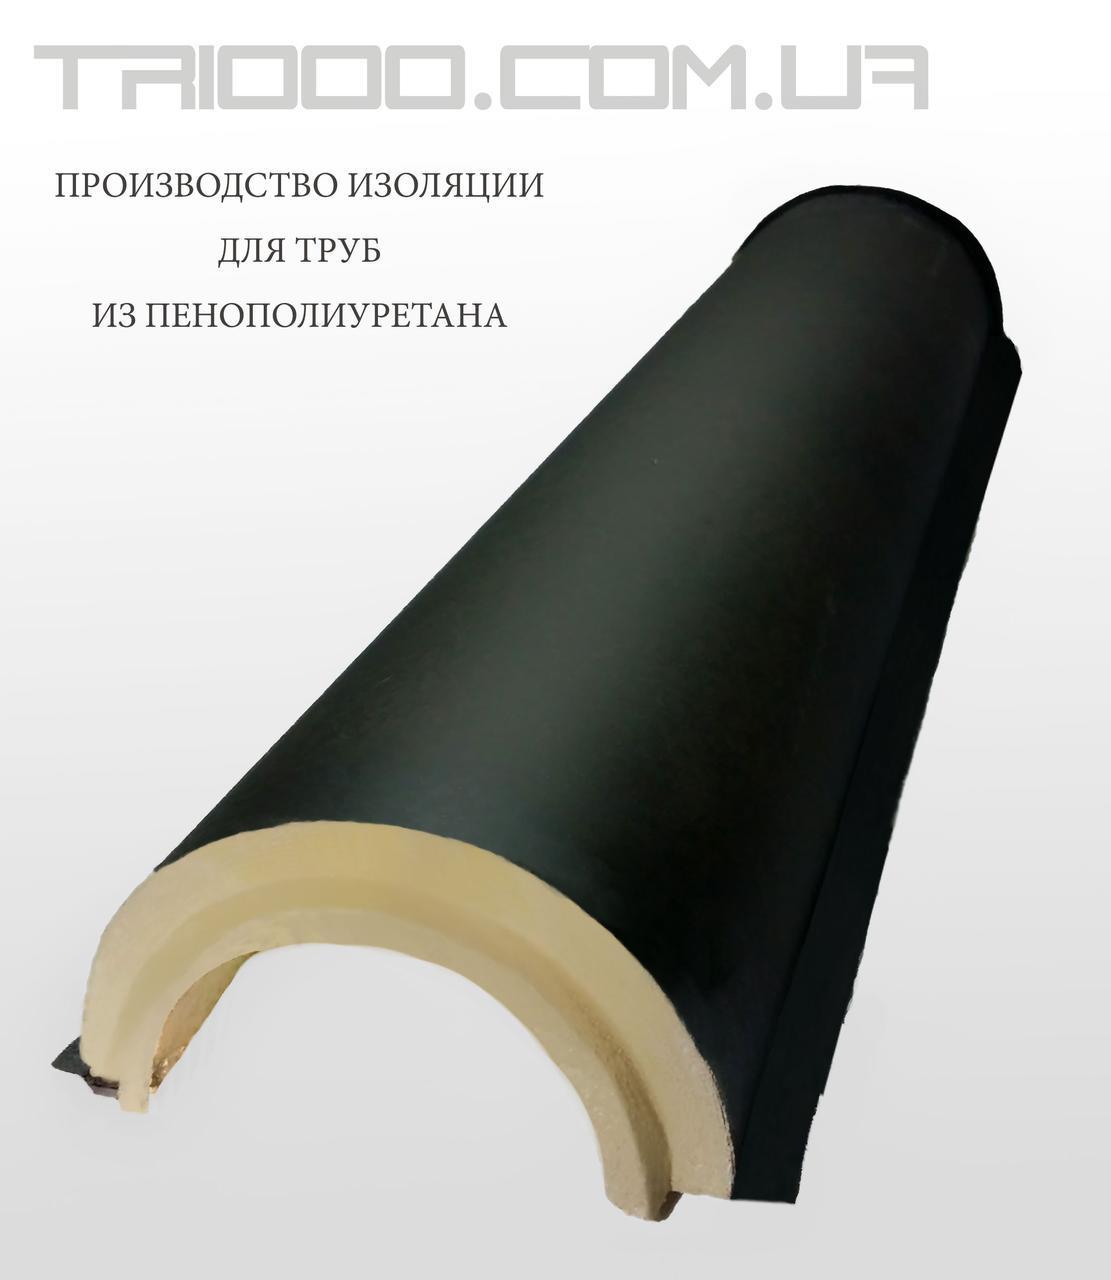 Сегменты теплоизоляционные в покрытии из пергамина  для труб    Ø 725/40 мм